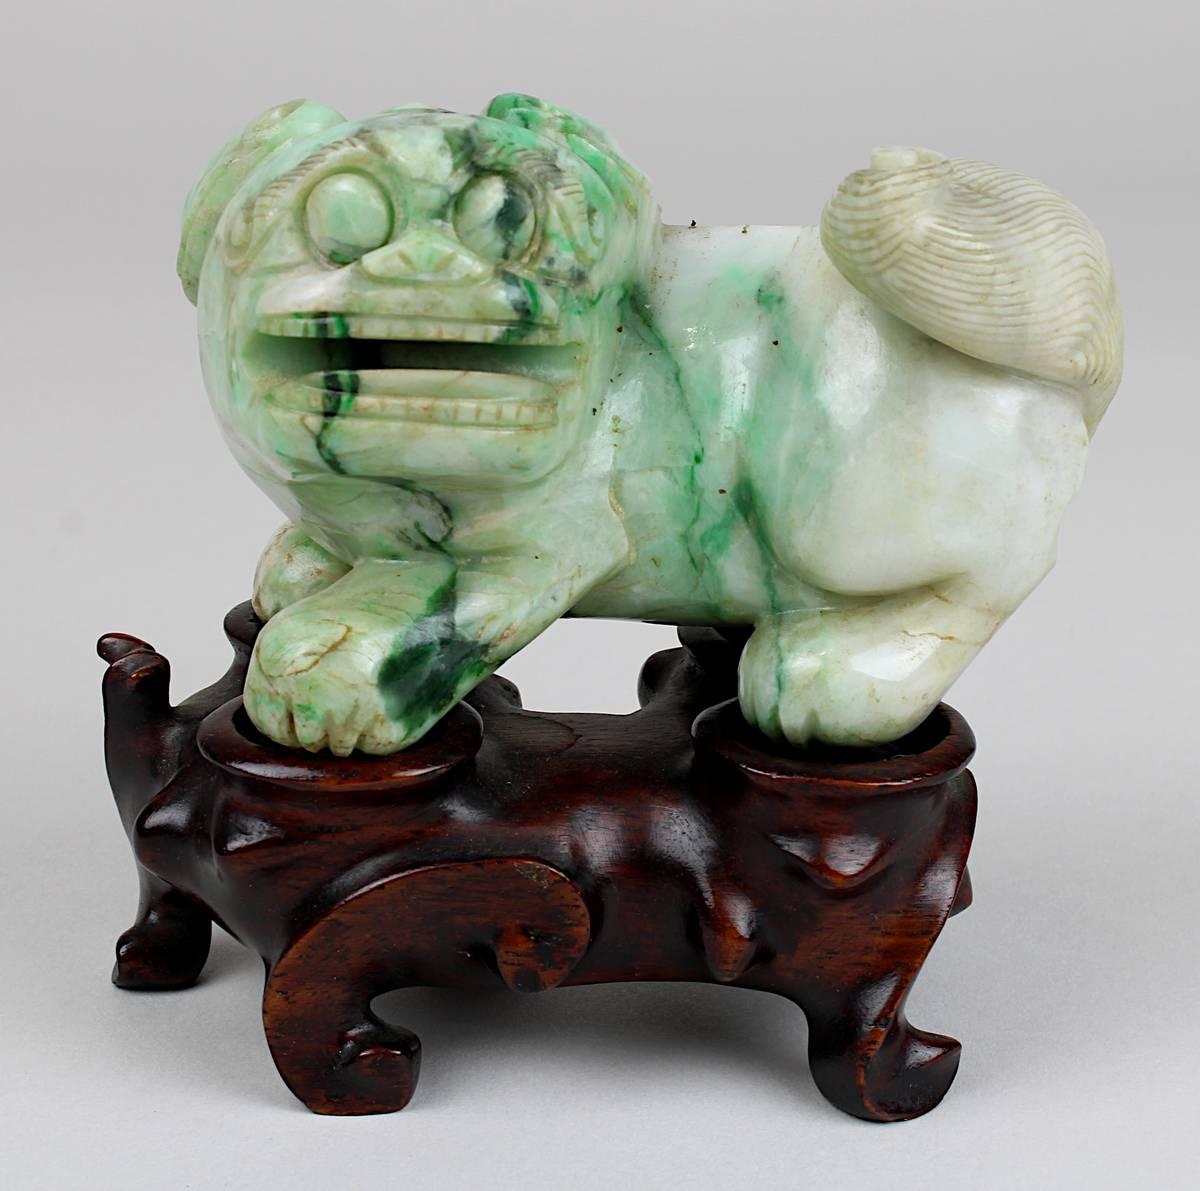 1-0033 - Chinesischer Fo-Hund aus grünweißer Jade Image